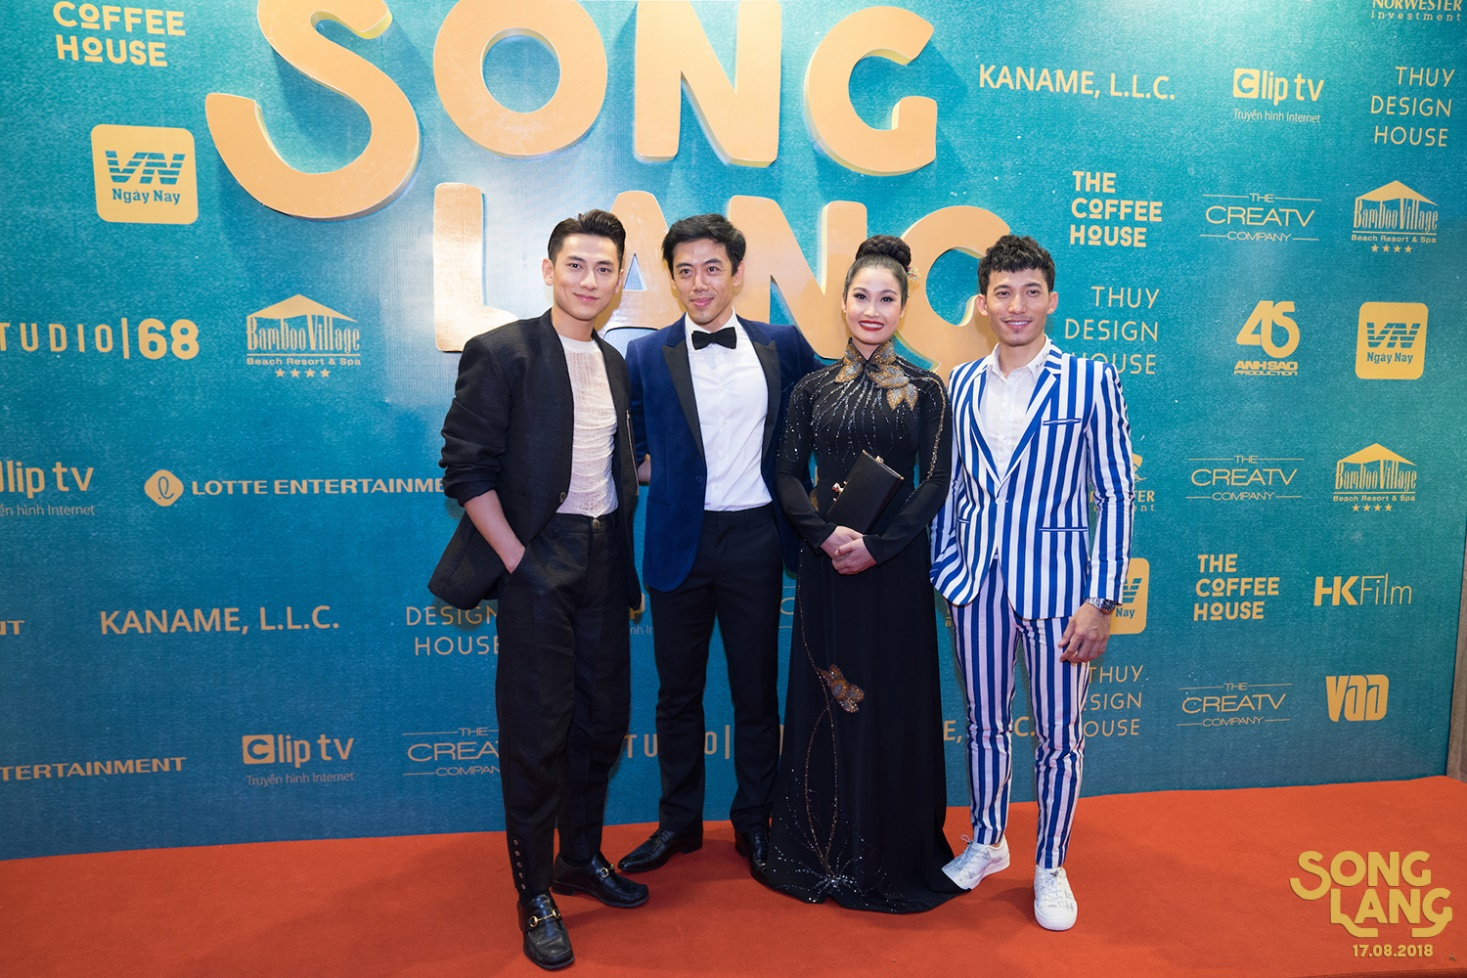 """""""Song Lang"""" và câu chuyện về những điều tử tế với văn hoá Việt - Ảnh 5."""